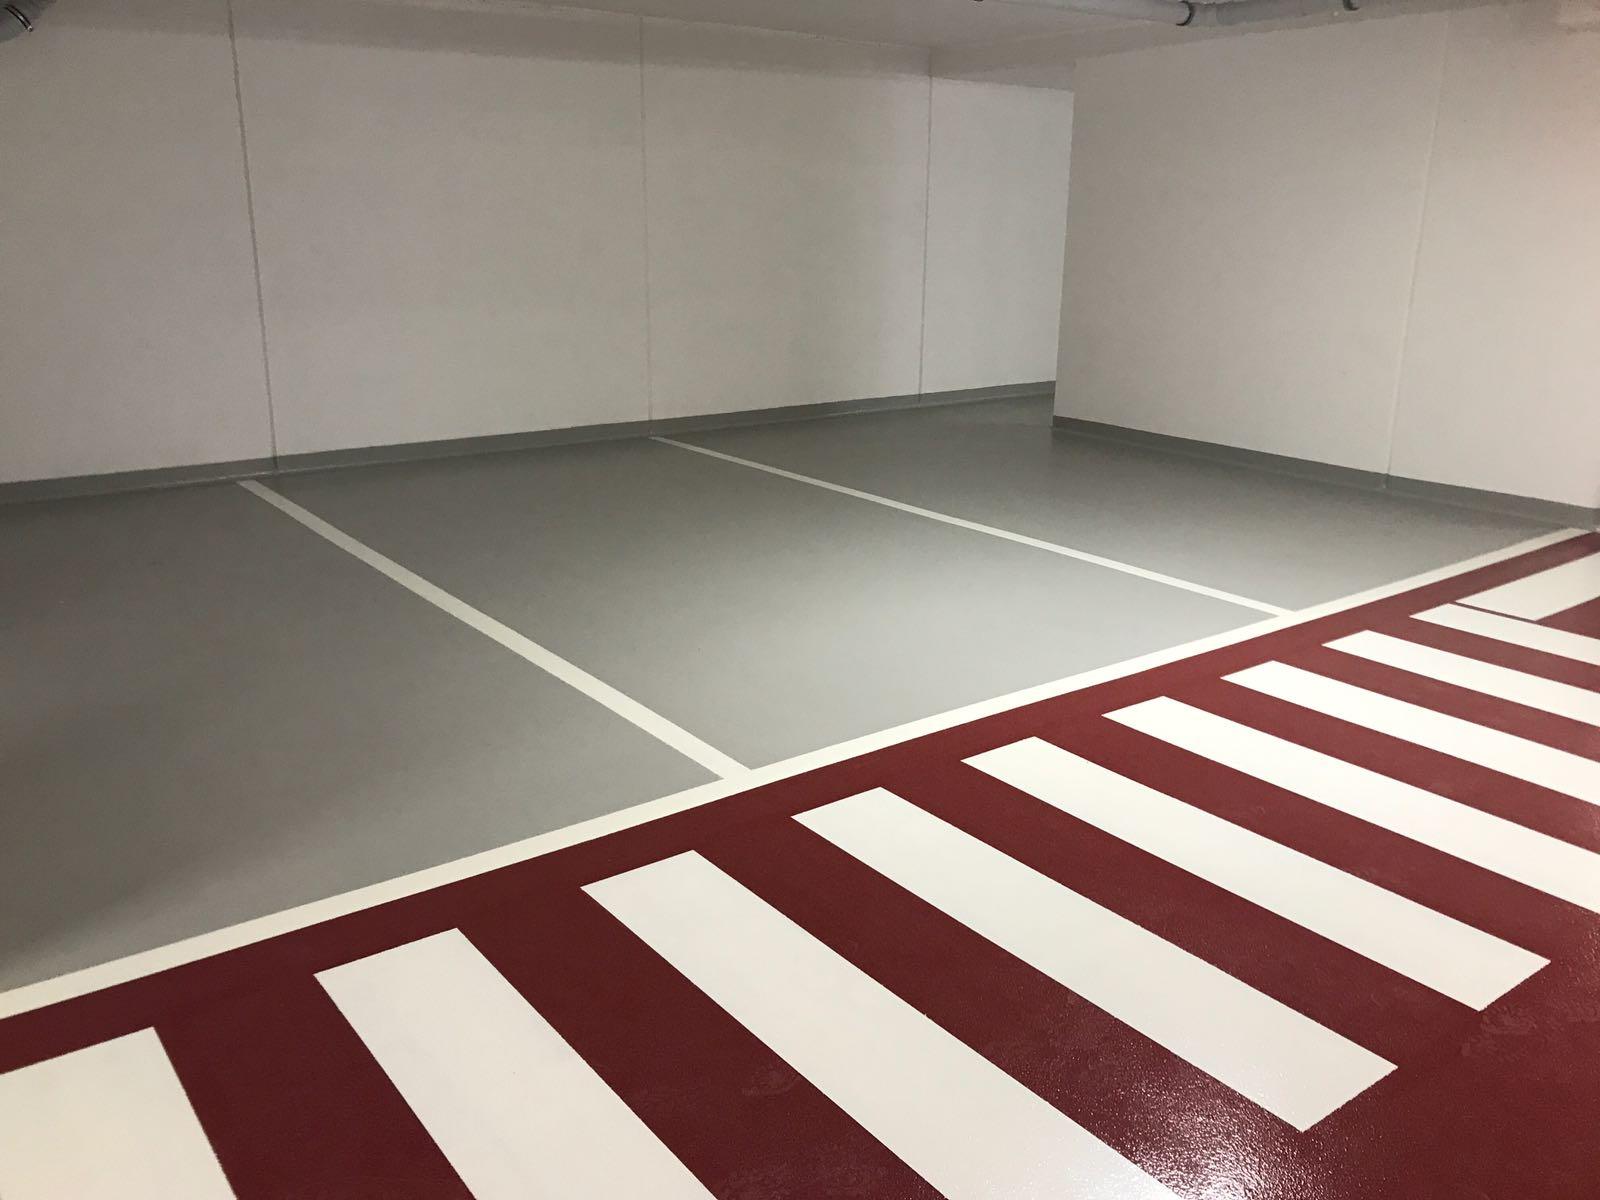 pavimento multistrato parcheggio